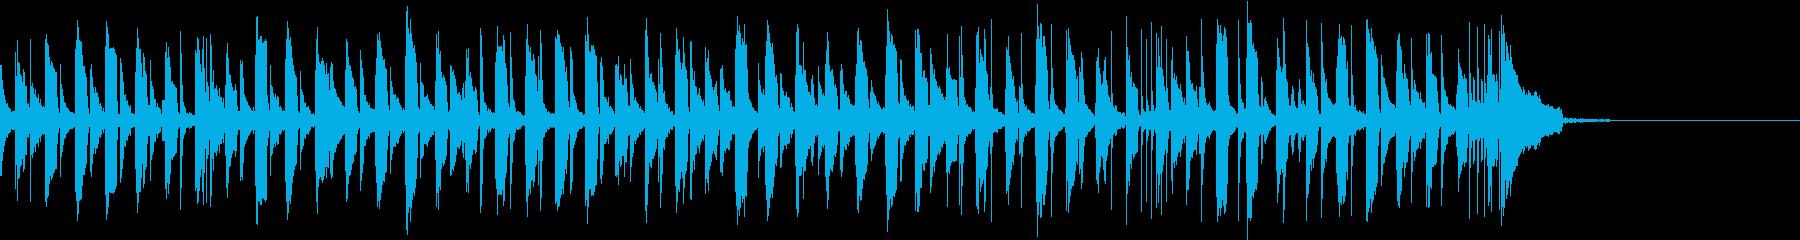 ウクレレ&トイピアノのかわいいジングルの再生済みの波形